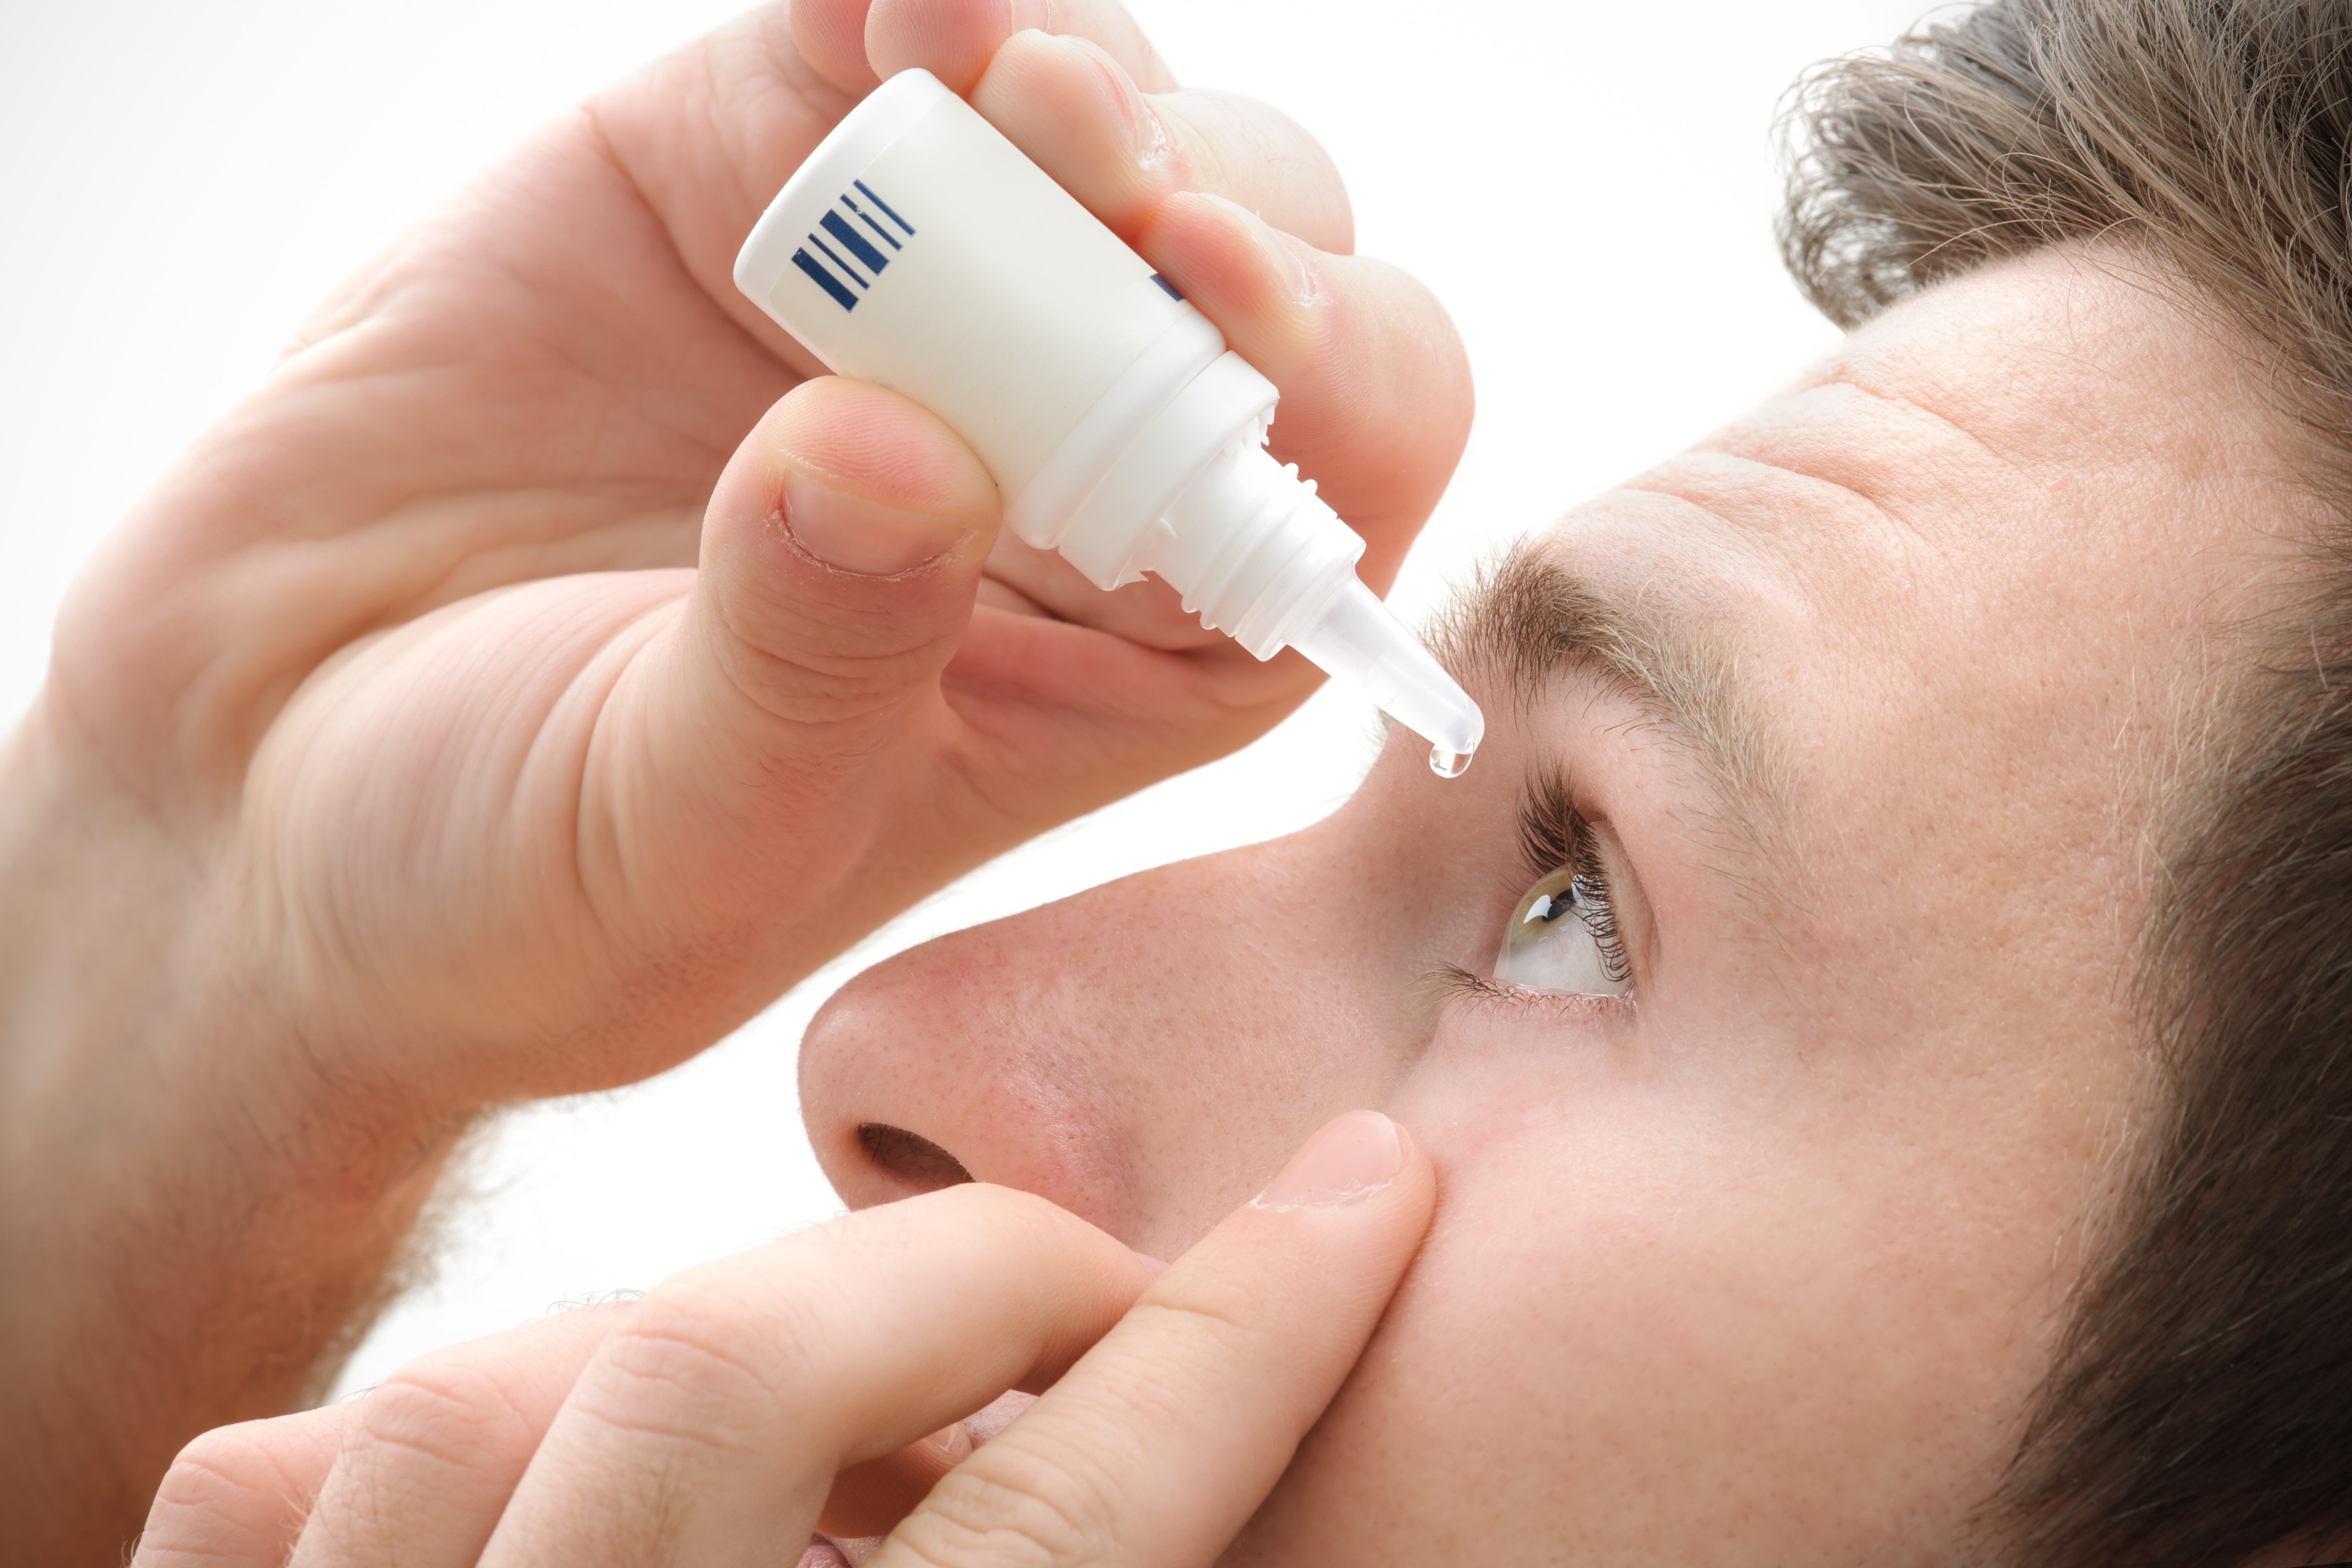 Akių lašuose, pasitelkiant nanotechnologijas, riebalinis lašelis sumažinamas ir padengiamas surfaktantu bei katijonais, t. y. teigiamais jonais, kad tvirčiau prisikabintų bei tolygiau pasiskirstų prie neigiamą krūvį turinčio akies paviršiaus. (Asociatyvi nuotr.)